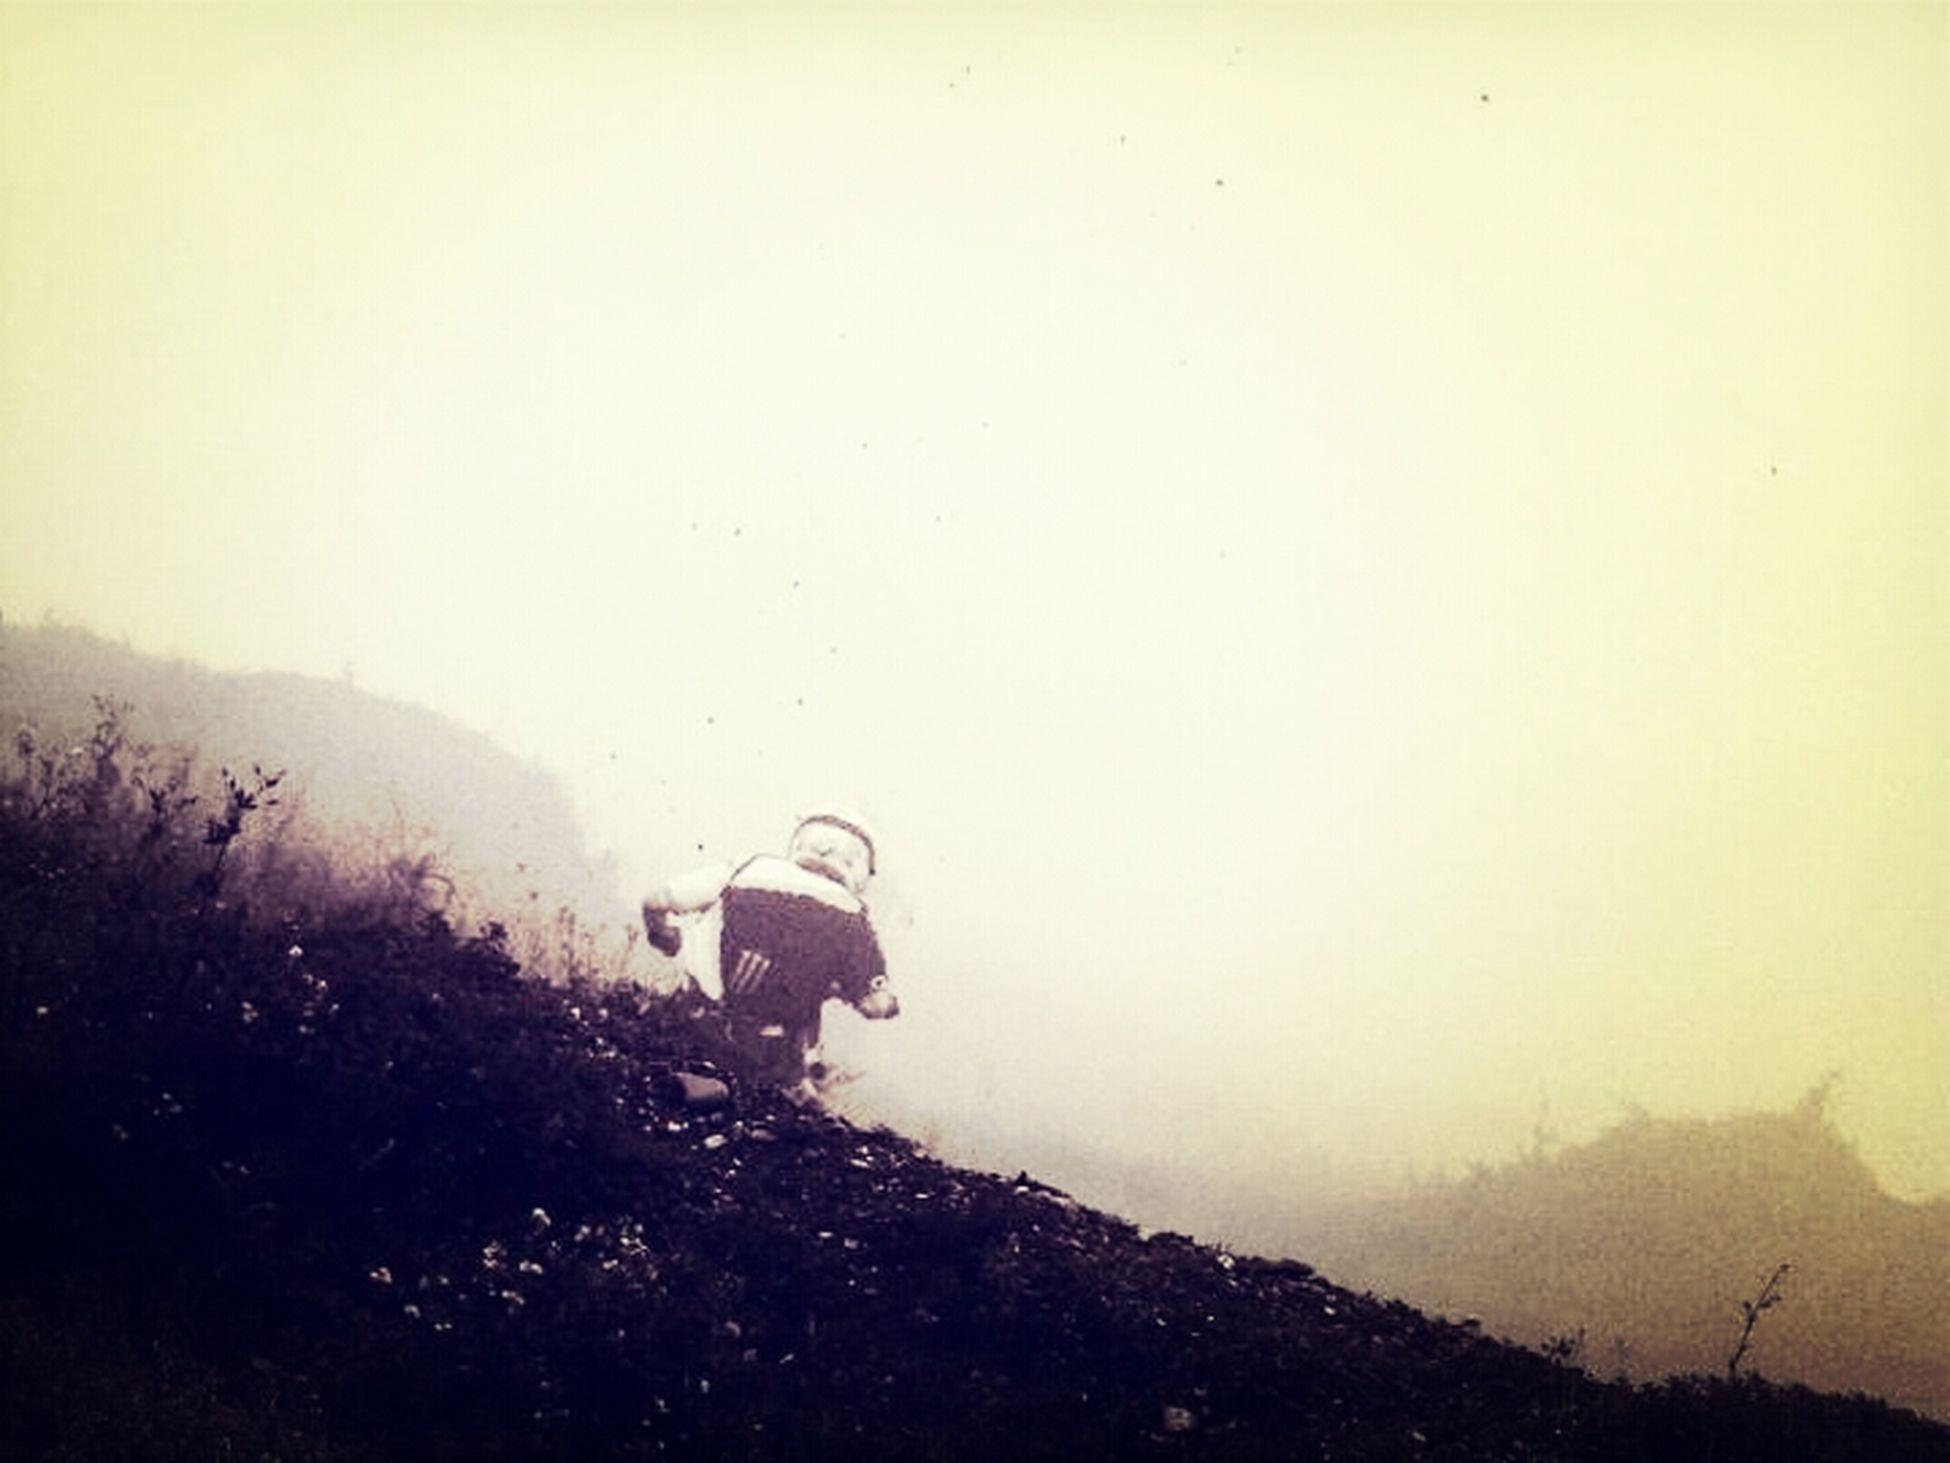 Mist Motocross Run In The Fog OMG! Where I'm Going?!